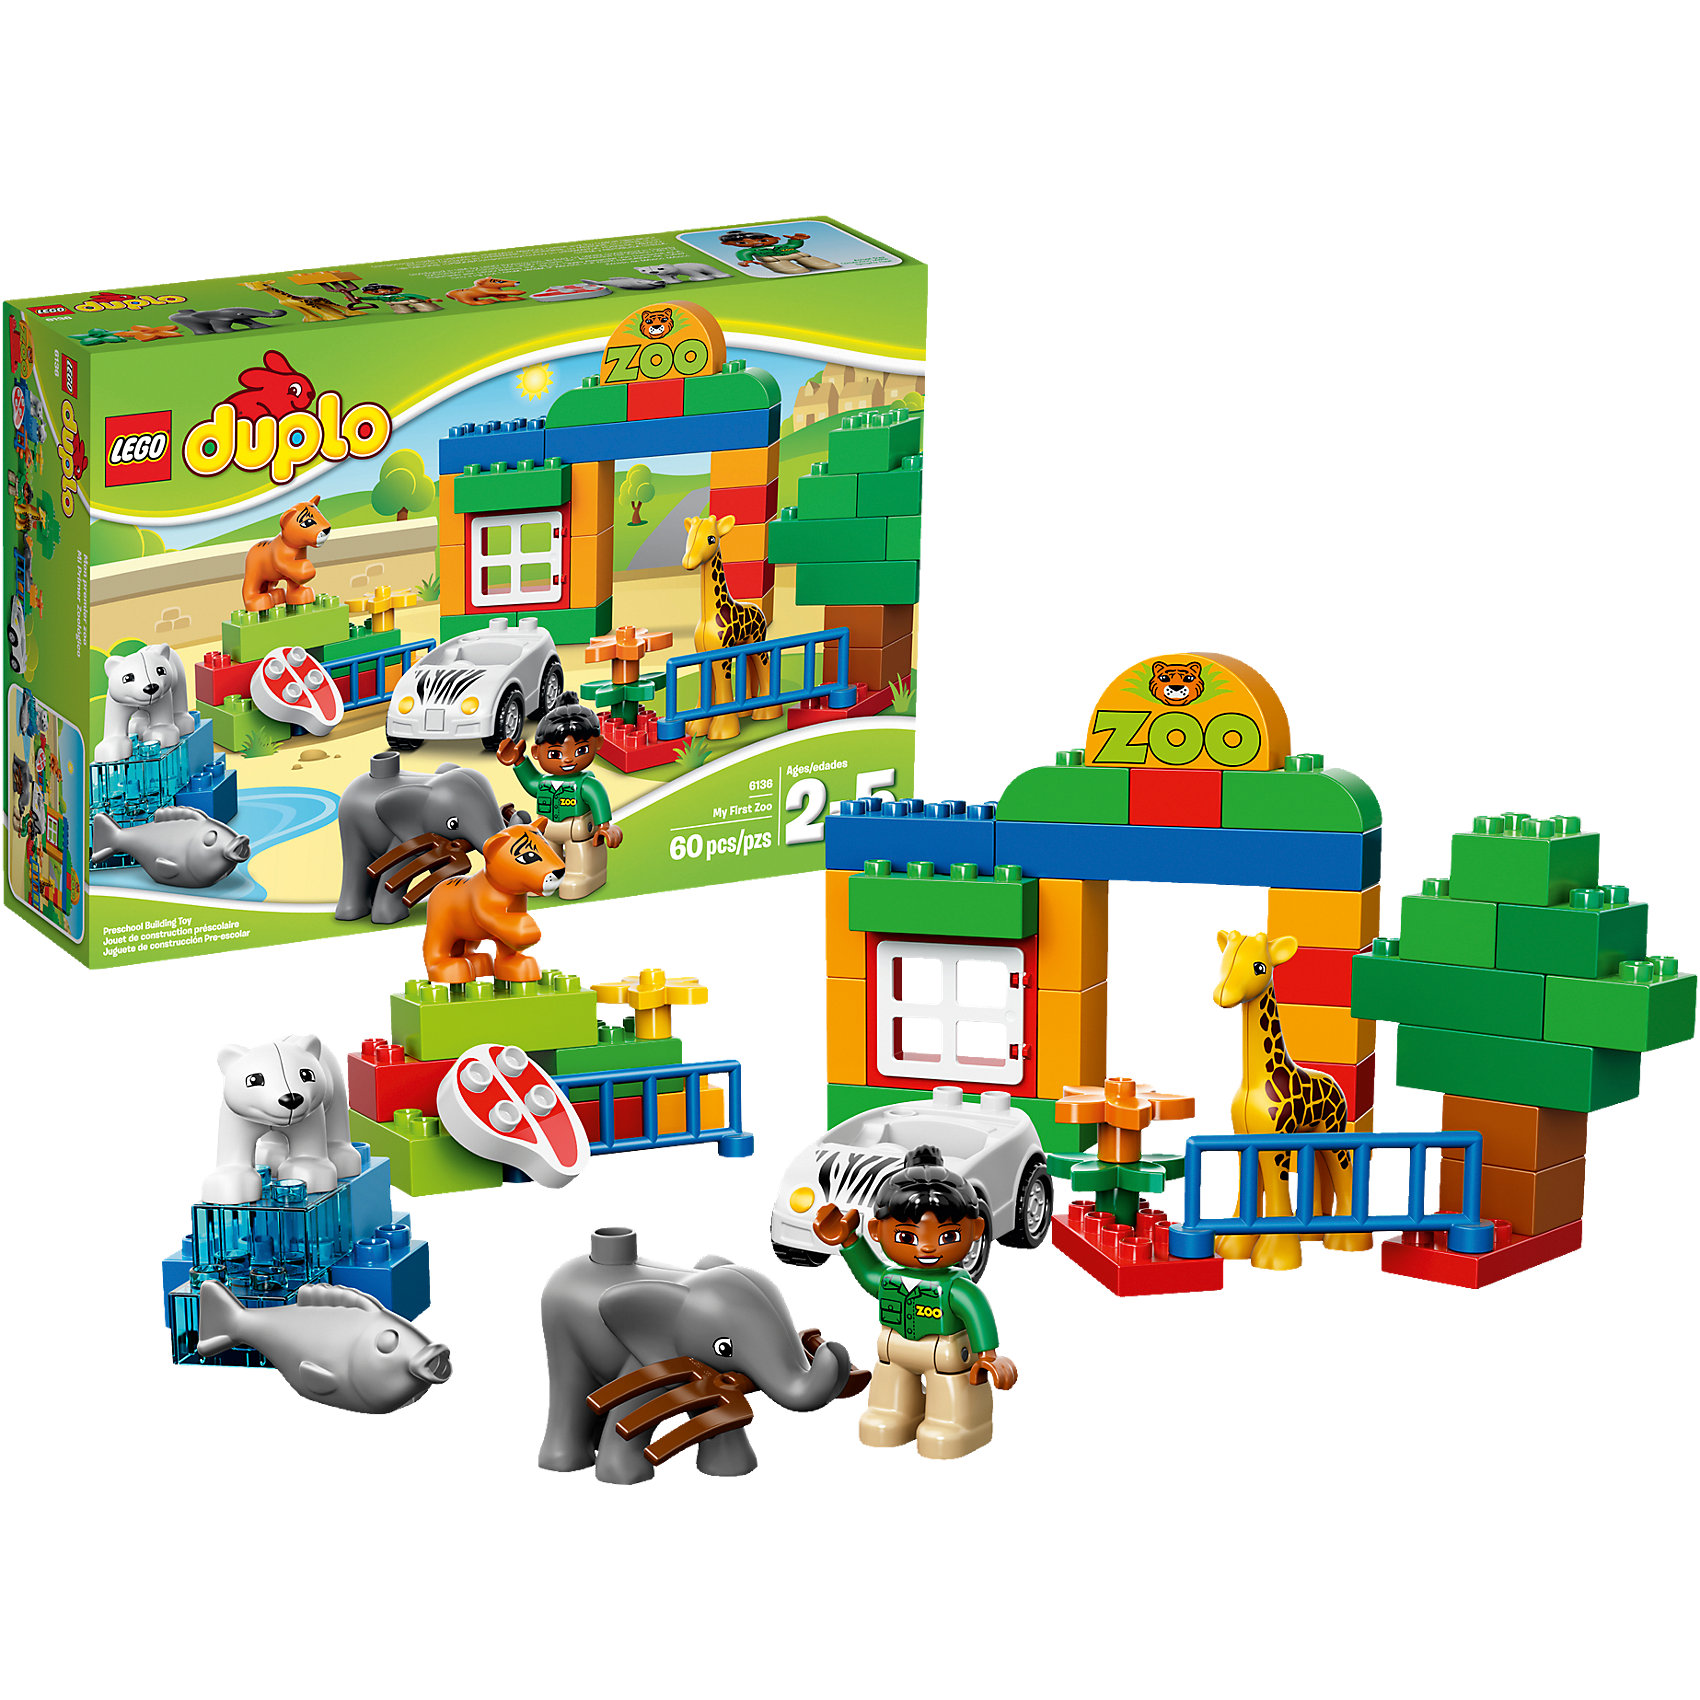 LEGO DUPLO 6136: Мой первый ЗоопаркИз красочных деталей  различной формы  набора LEGO DUPLO (ЛЕГО Дупло) 6136: Мой первый Зоопарк малыш сможет выстроить целый зоопарк с воротами и просторными вольерами для животных. Планировка зоопарка может быть самой разной и зависит от фантазии малыша. Среди обитателей зоопарка ребенок найдет и симпатичного слоненка, забавного тигренка, жирафа и даже белого медведя. Для постройки вольера белого медведя в наборе имеются полупрозрачные элементы, имитирующие лед и воду. Служитель зоопарка на белой машинке каждый день развозит еду для своих питомцев: мясо - тигру, рыбу - медведю, сено - слону и жирафу.<br><br>LEGO DUPLO (ЛЕГО Дупло) 6136: Мой первый Зоопарк - увлекательный игровой набор, который станет замечательным подарком для Вашего малыша. ЛЕГО Дупло - серия конструкторов для малышей, которую отличает крупные яркие детали со скругленными углами и многообразие игровых сюжетов, это и животные, и растения, и машинки, и сказочные персонажи.<br><br>Дополнительная информация:<br><br>- Количество деталей: 60.<br>- Количество минифигур: 5 (служитель зоопарка, тигр, слон, жираф и белый медведь).<br>- Серия: ЛЕГО Дупло. <br>- Материал: пластик.<br>- Размер упаковки: 38 х 26 х10 см.<br>- Вес: 0,8 кг.<br><br>Игра с конструктором развивает мелкую моторику, фантазию и воображение ребенка, учит его усидчивости и внимательности. <br><br>Конструктор LEGO DUPLO (ЛЕГО Дупло) 6136: Мой первый Зоопарк можно купить в нашем интернет-магазине.<br><br>Ширина мм: 386<br>Глубина мм: 261<br>Высота мм: 100<br>Вес г: 798<br>Возраст от месяцев: 24<br>Возраст до месяцев: 60<br>Пол: Унисекс<br>Возраст: Детский<br>SKU: 3342497